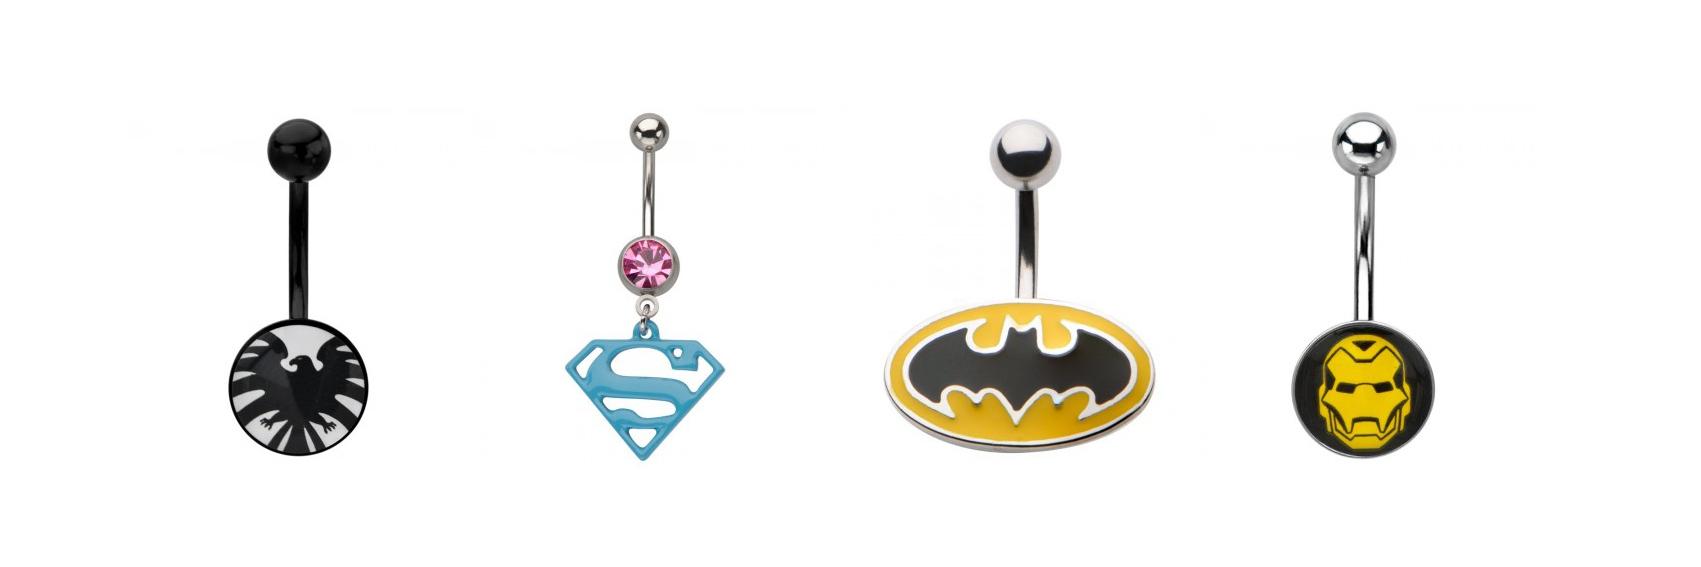 piercing de nombril de la marque marvel et comics disponible sur tarwa tendance été 2016 piercing nombril iron man batman et superman